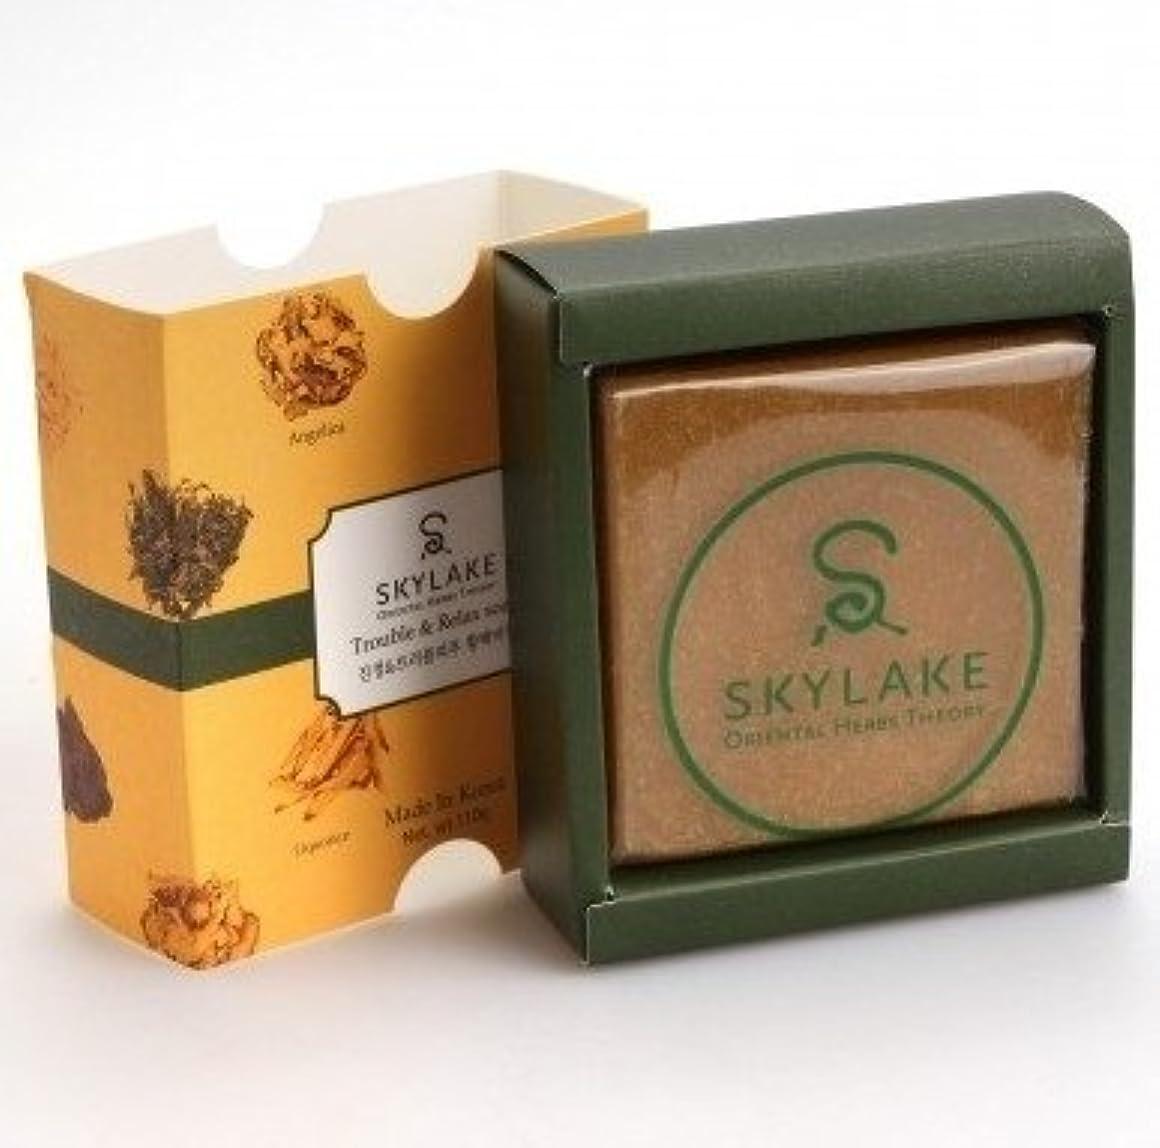 ぬれた野心的書き込み[1+1]ハヌルホス[Skylake] 漢方アロマ石鹸Oriental Herbs Theory Soap (肌荒れ肌用)